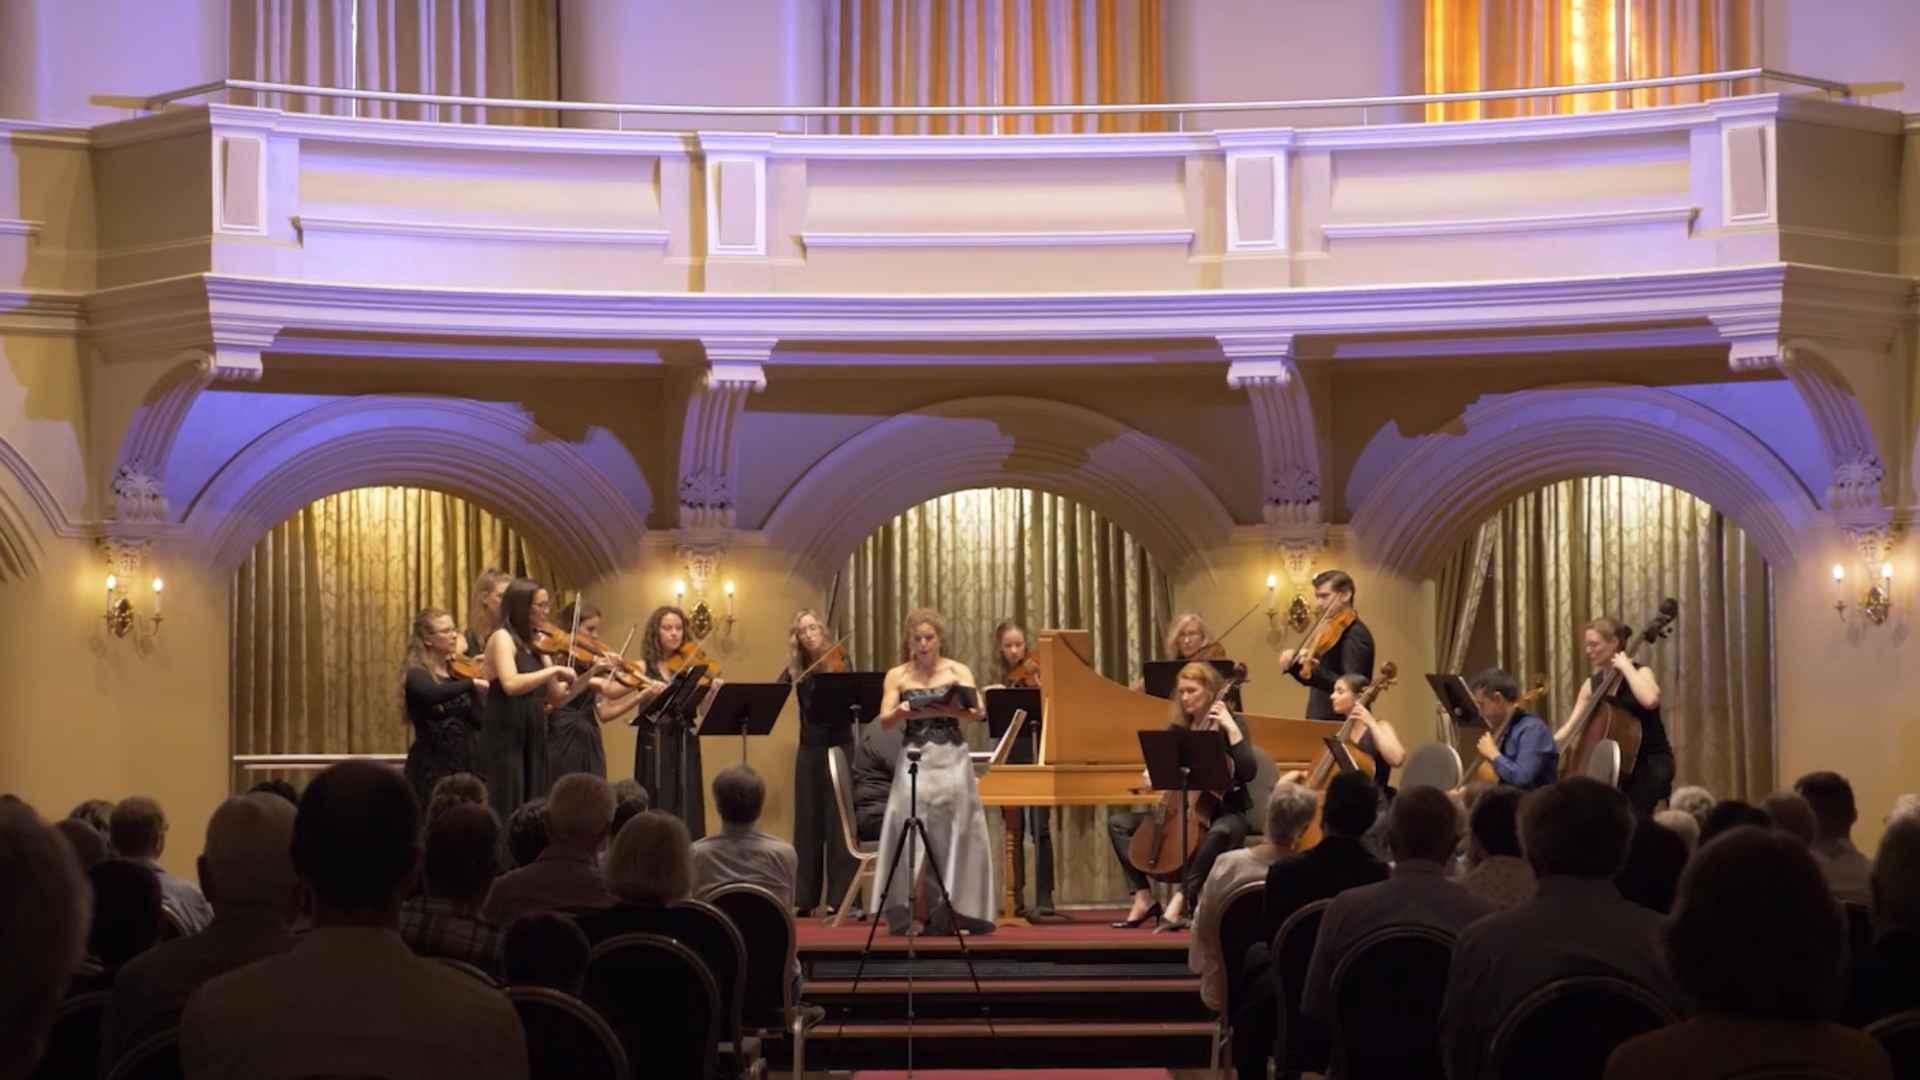 australian-baroque-perform-vivaldis-four-seasons